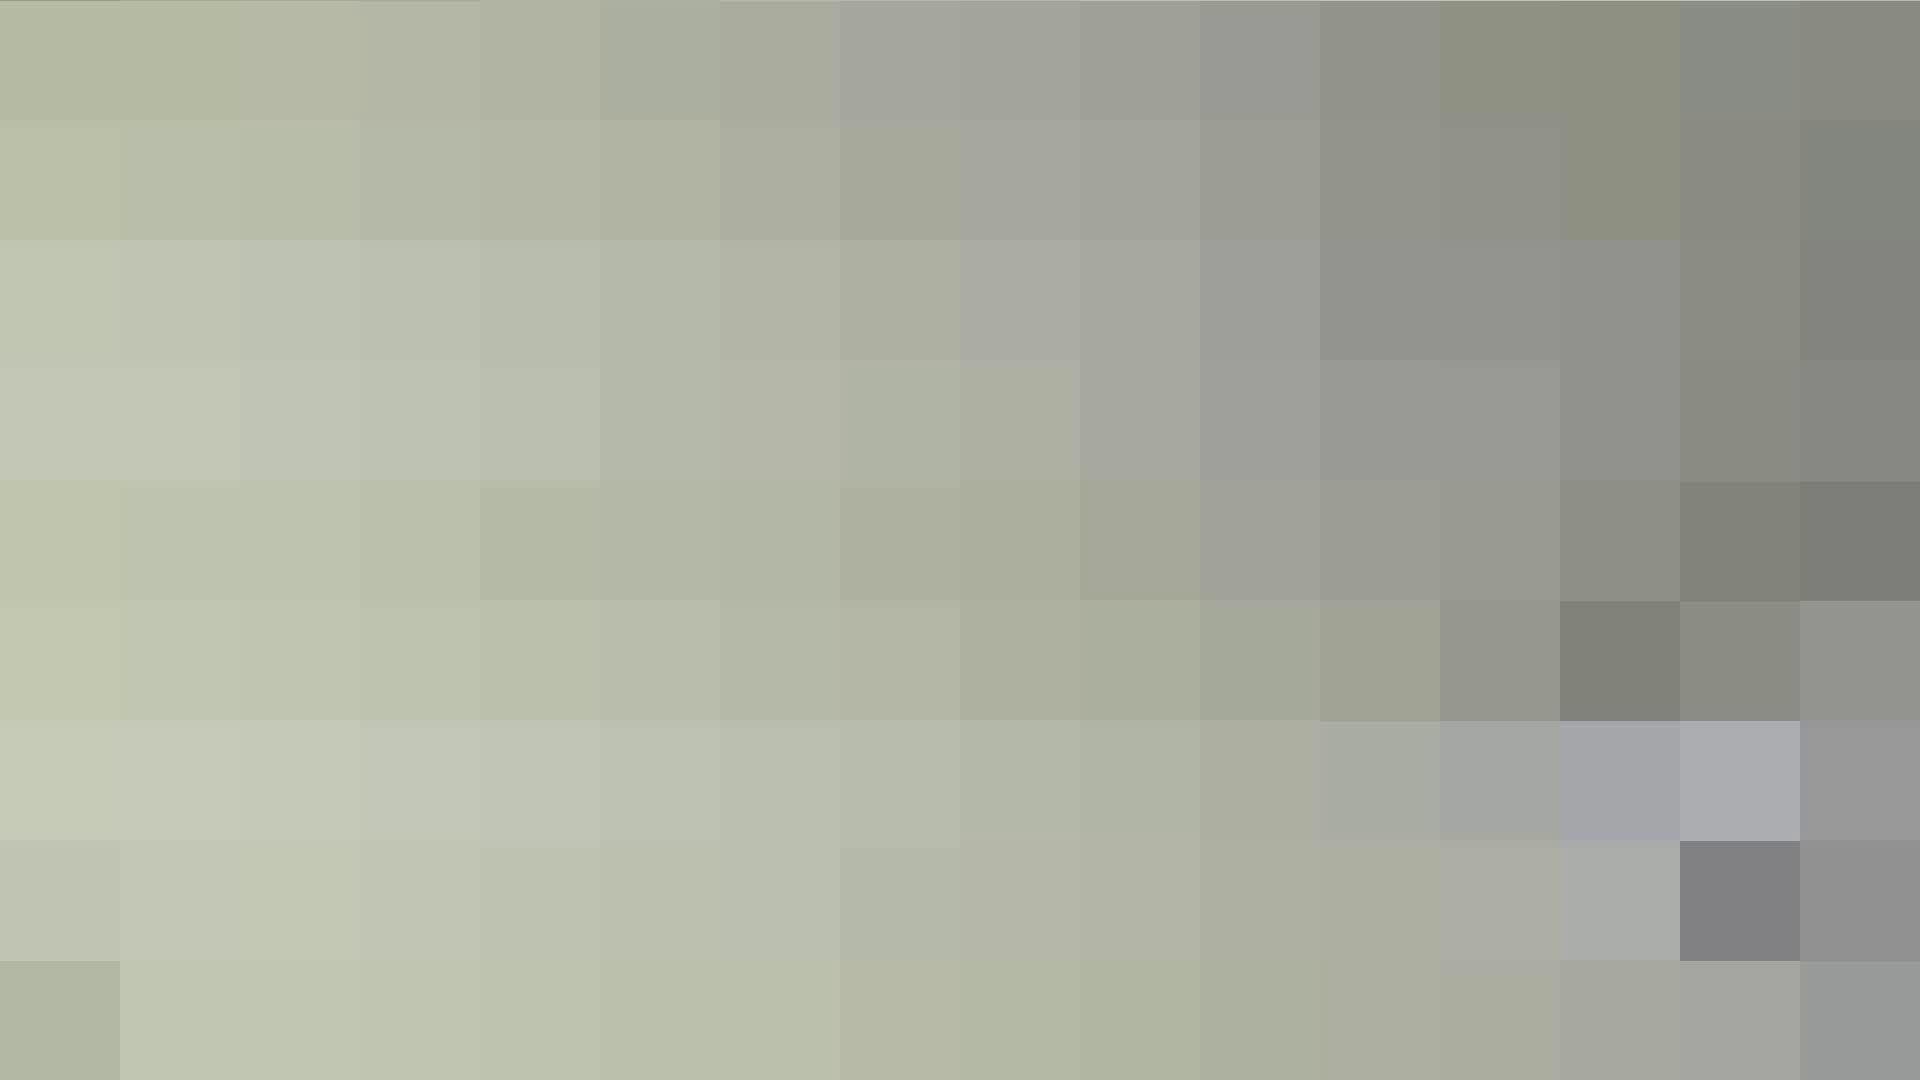 洗面所特攻隊 vol.026 お嬢さんかゆいの? OLハメ撮り  38Pix 18